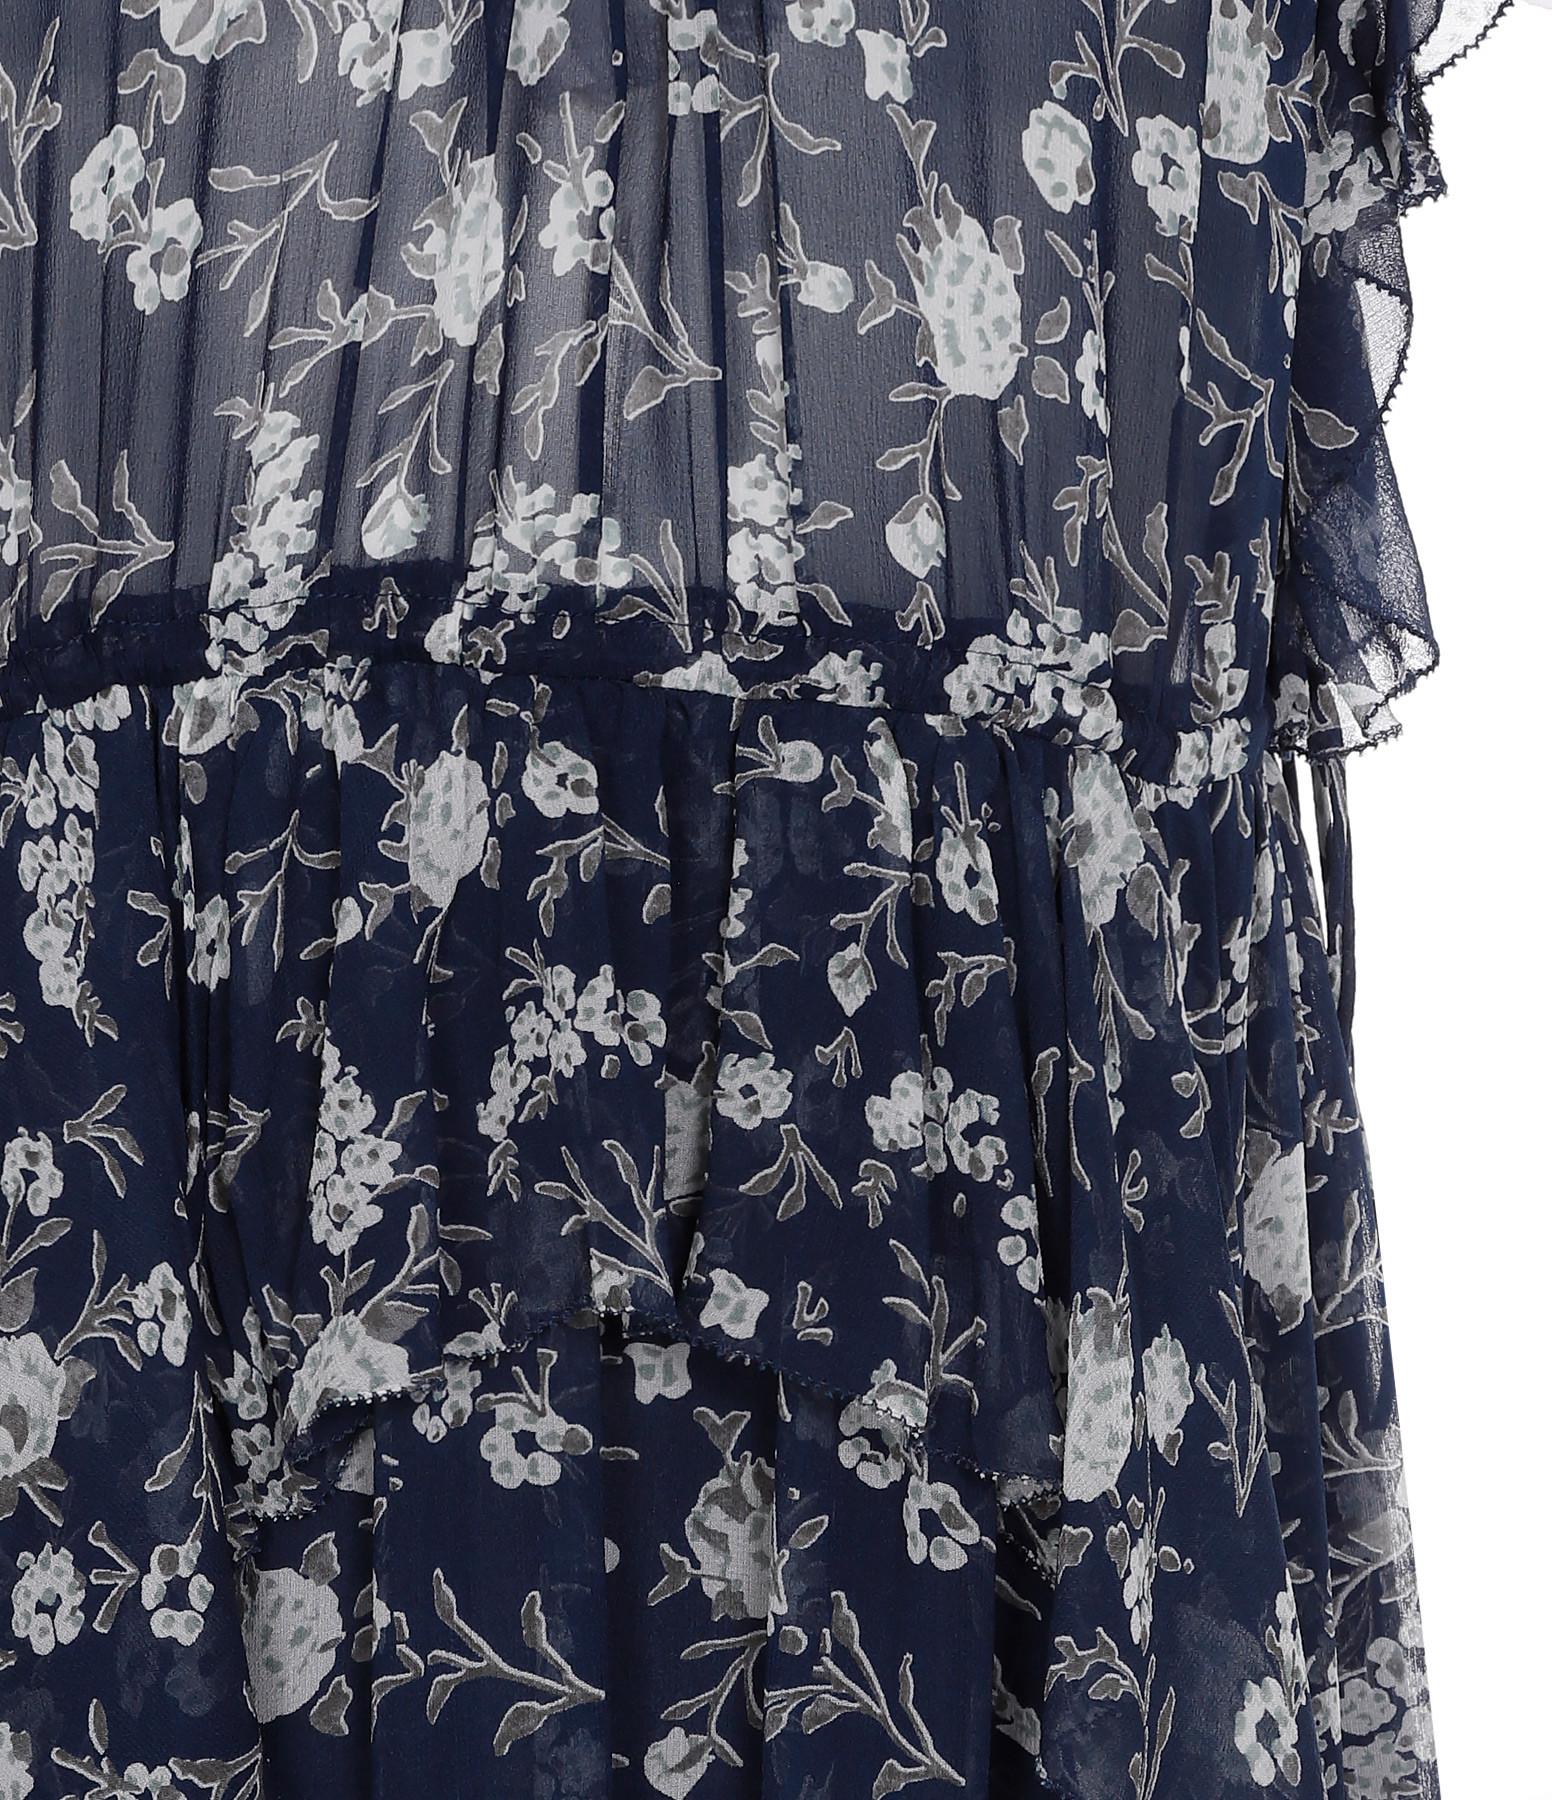 ULLA JOHNSON - Robe Garden Floral Caterina Soie Azur